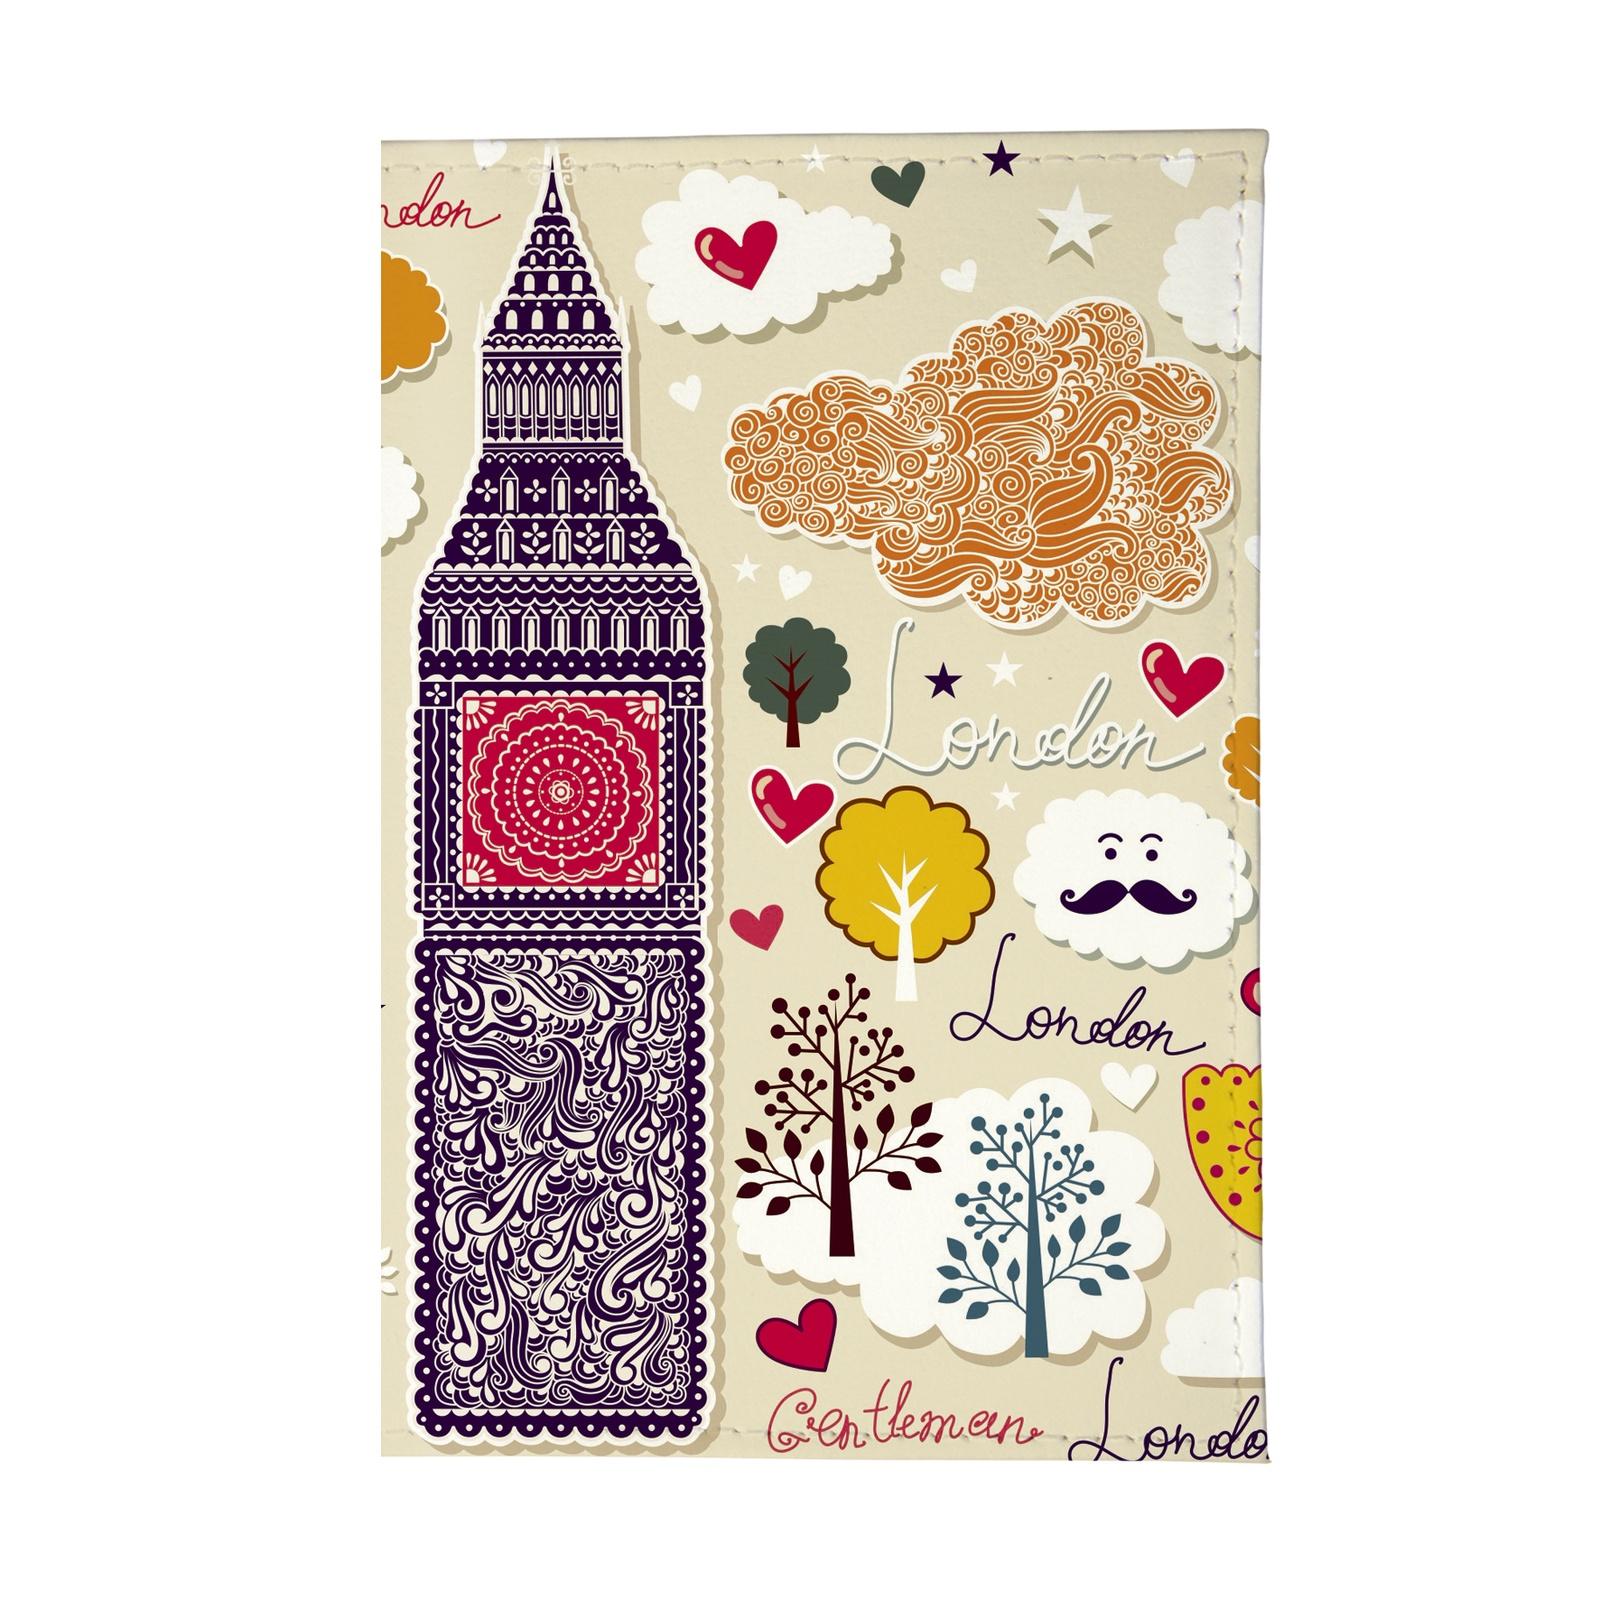 Обложка для паспорта Mitya Veselkov OK обложка для паспорта mitya veselkov райский сад